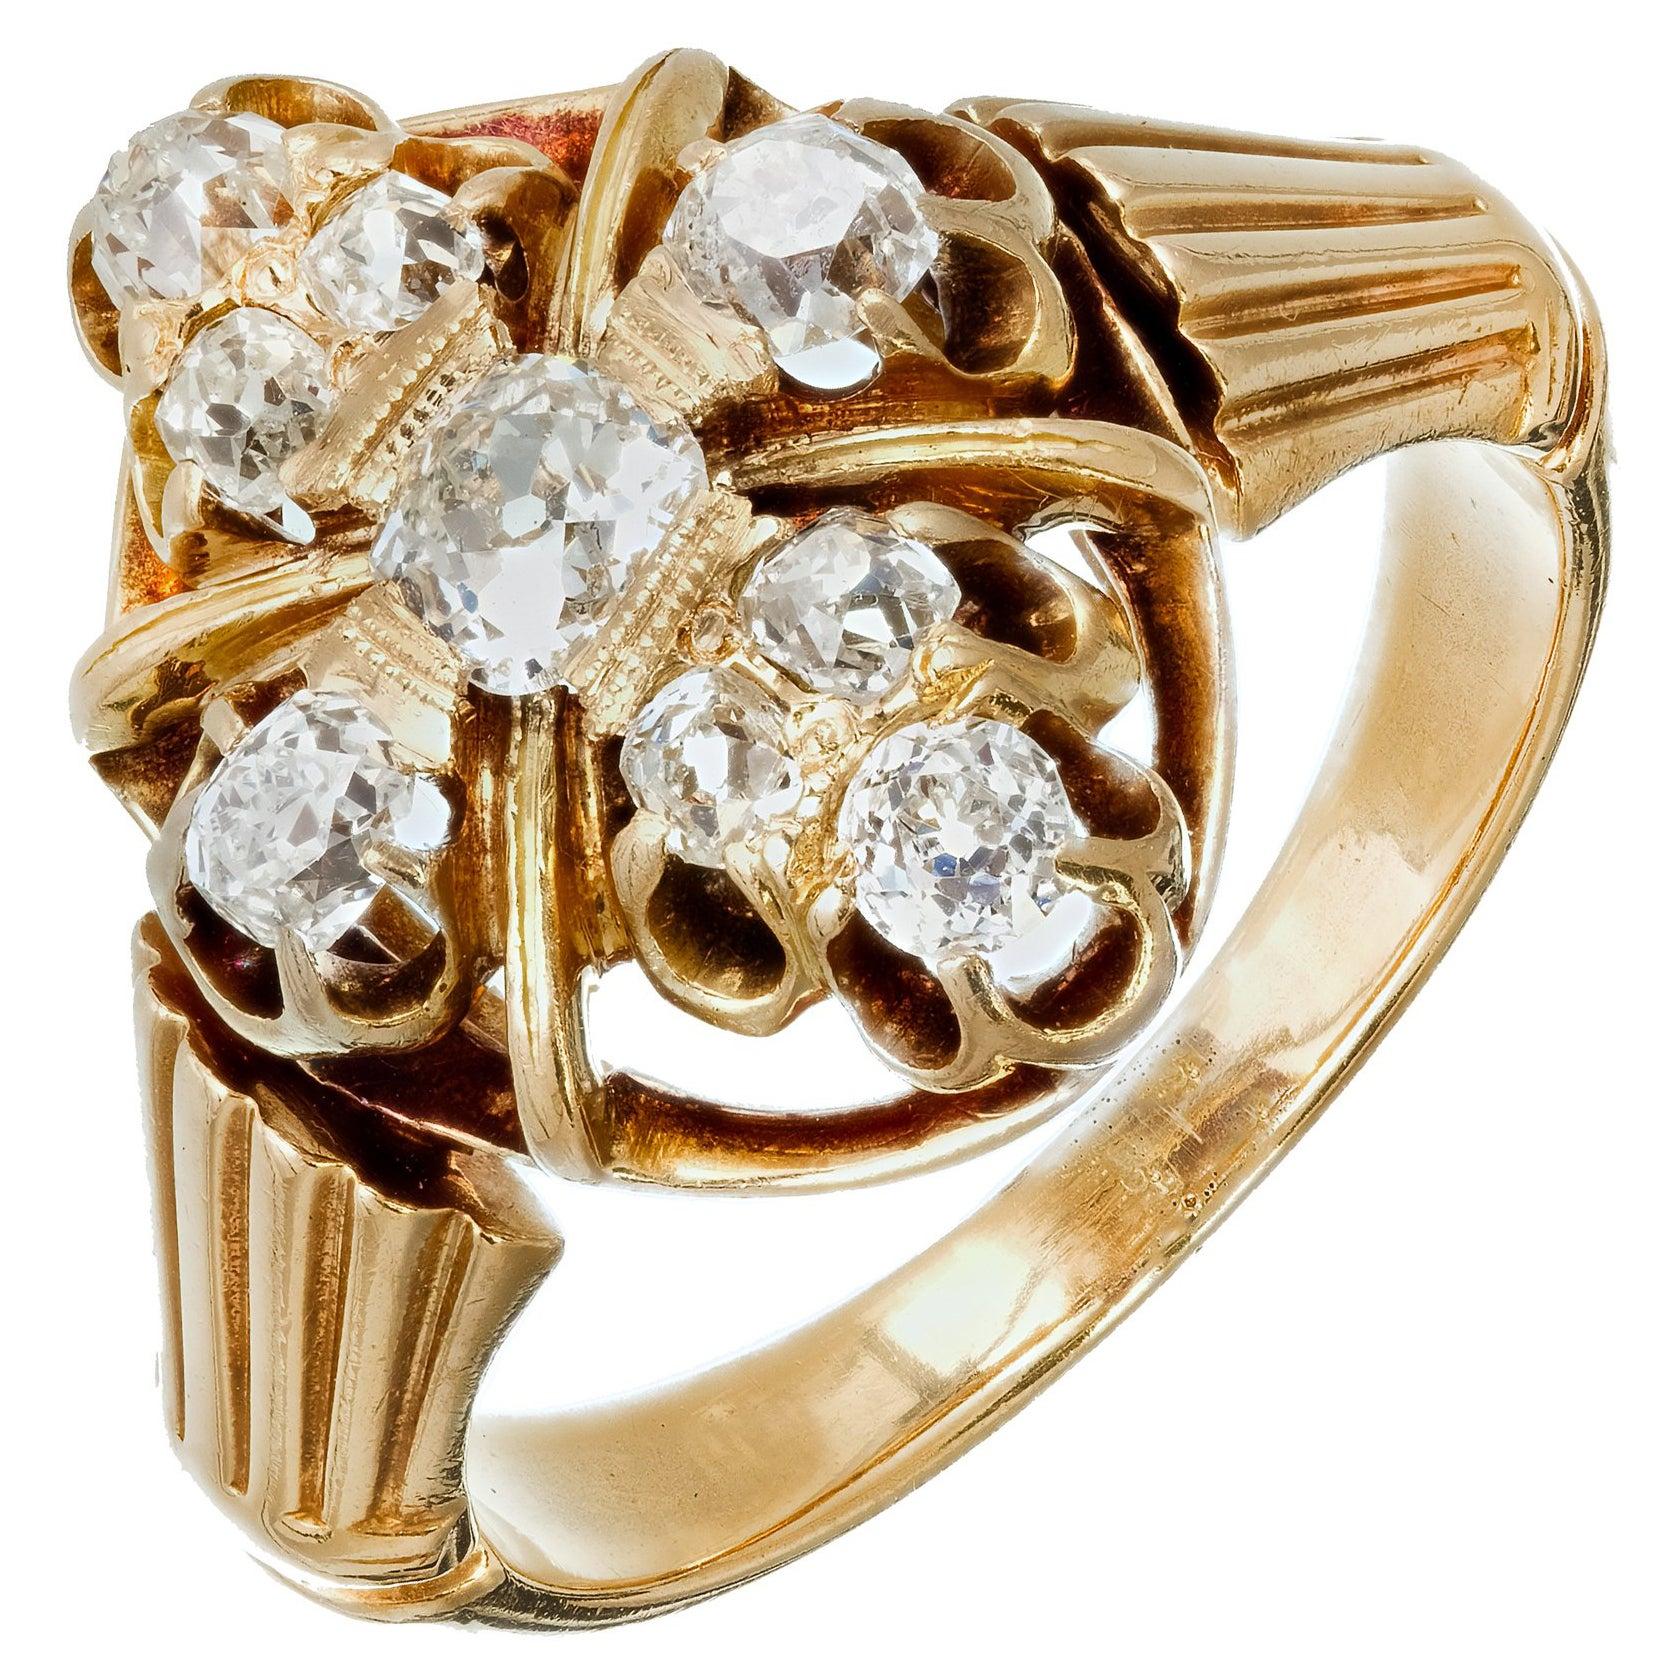 Victorian Old Mine Brilliant Cut Diamond Gold Ring, circa 1850s